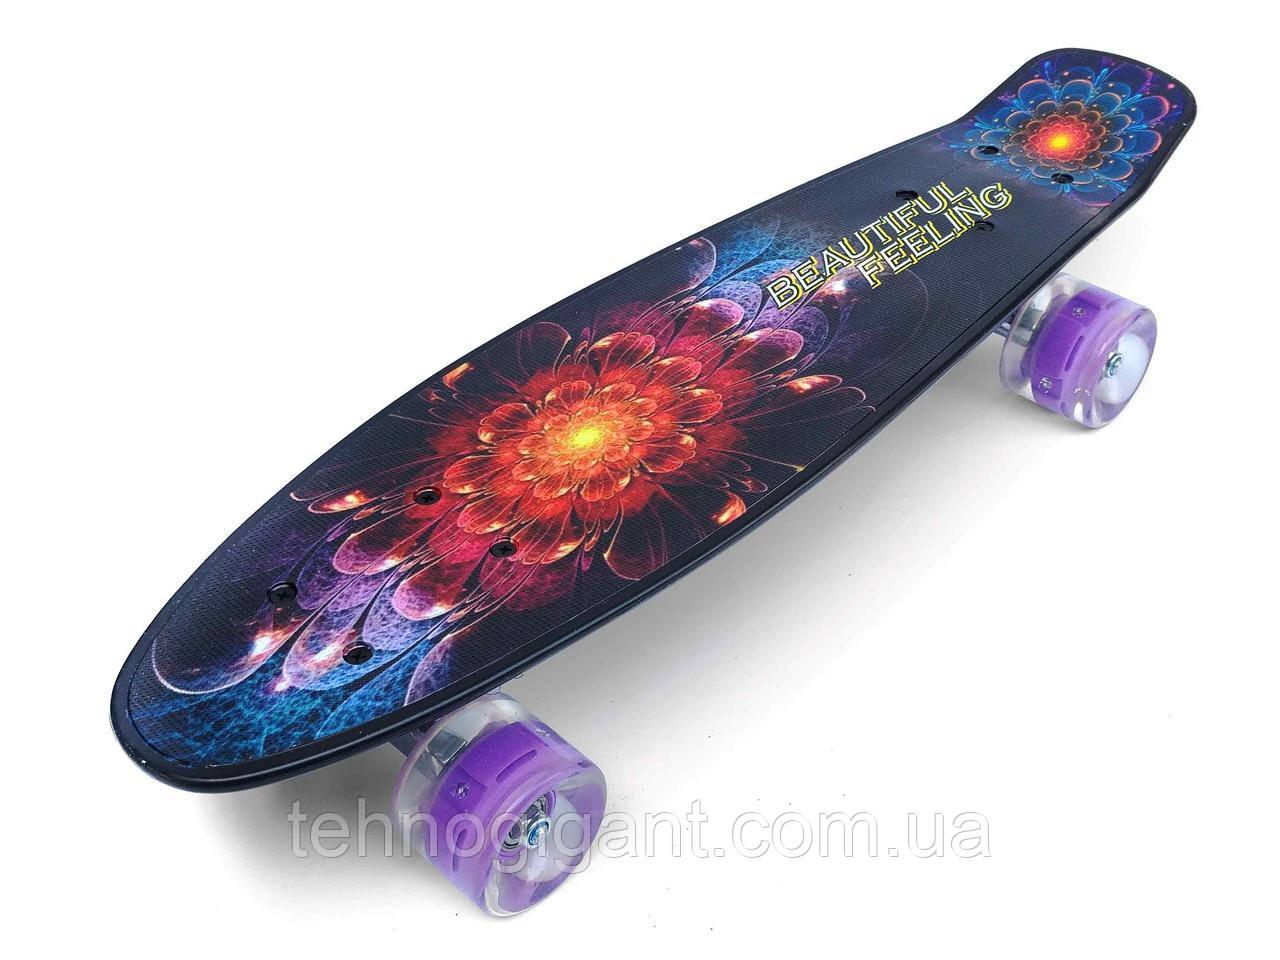 Скейт Penny Board, с широкими светящимися колесами Пенни борд, детский , от 5 лет, расцветка Абстракция